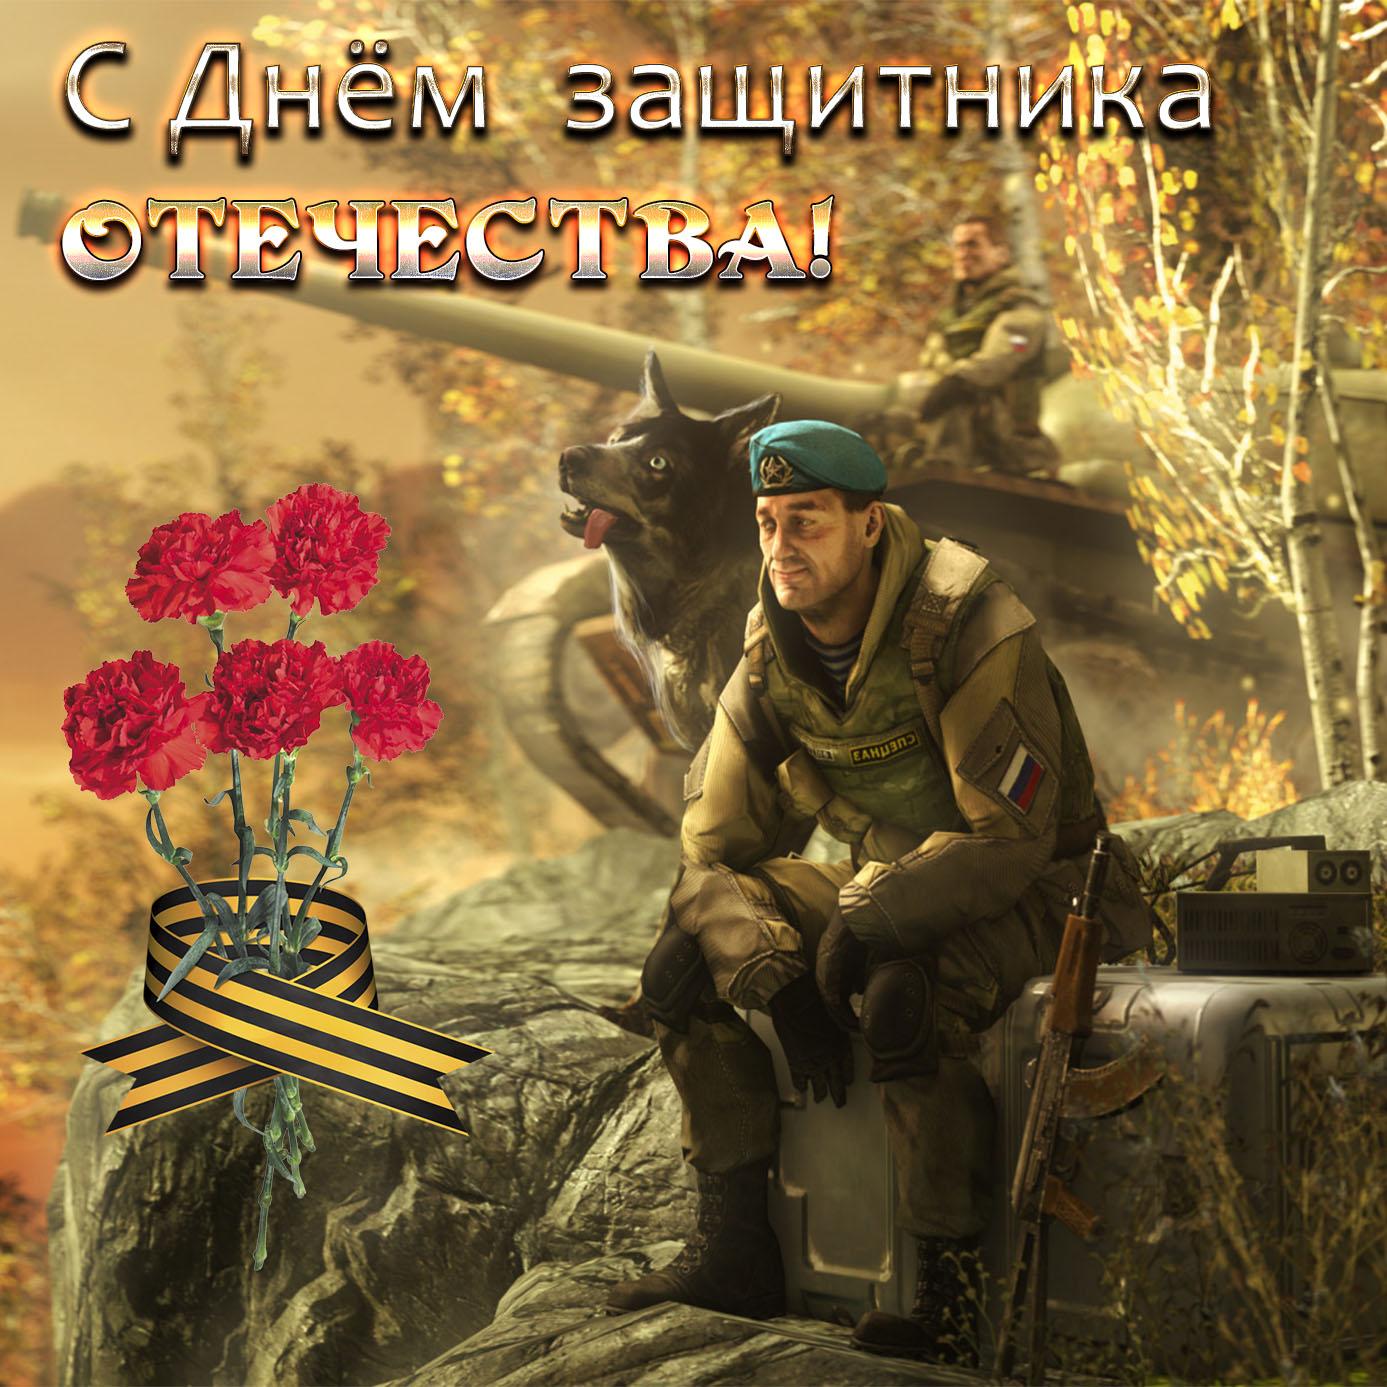 Красивая открытка с гвоздиками на 23 февраля